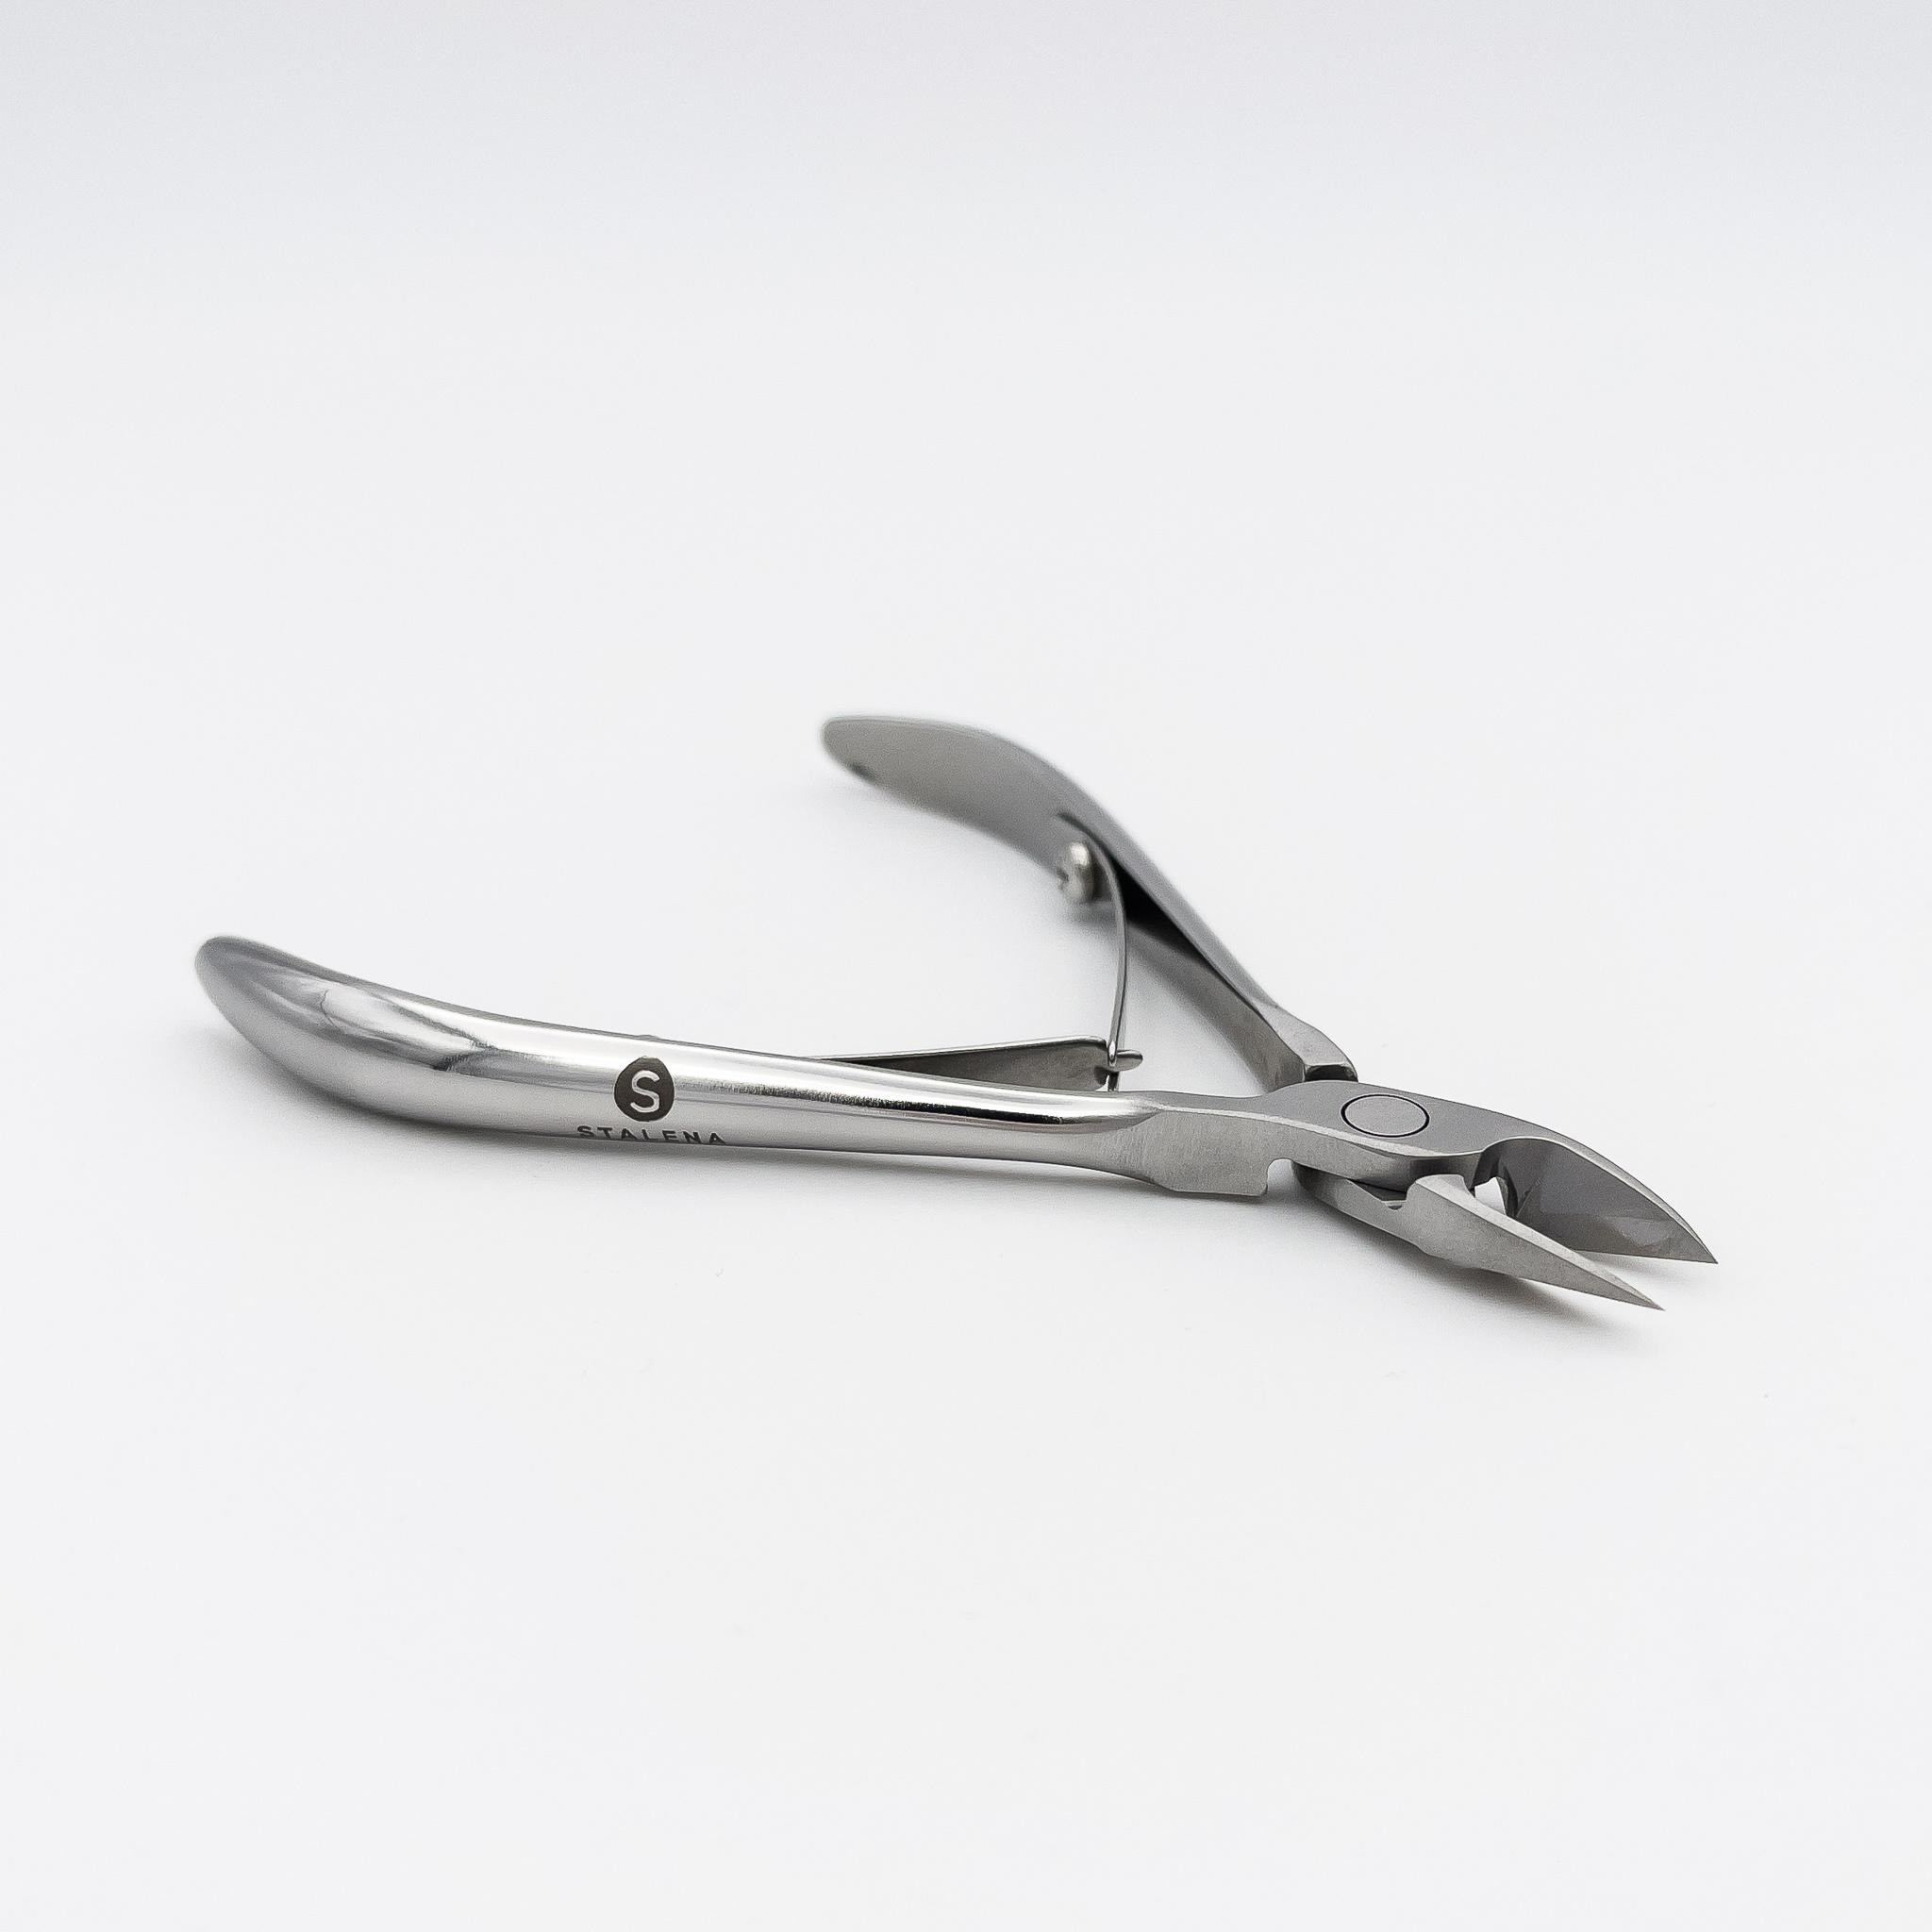 STALENA Pince à peau 10 mm KM-08 (N3-11-11)